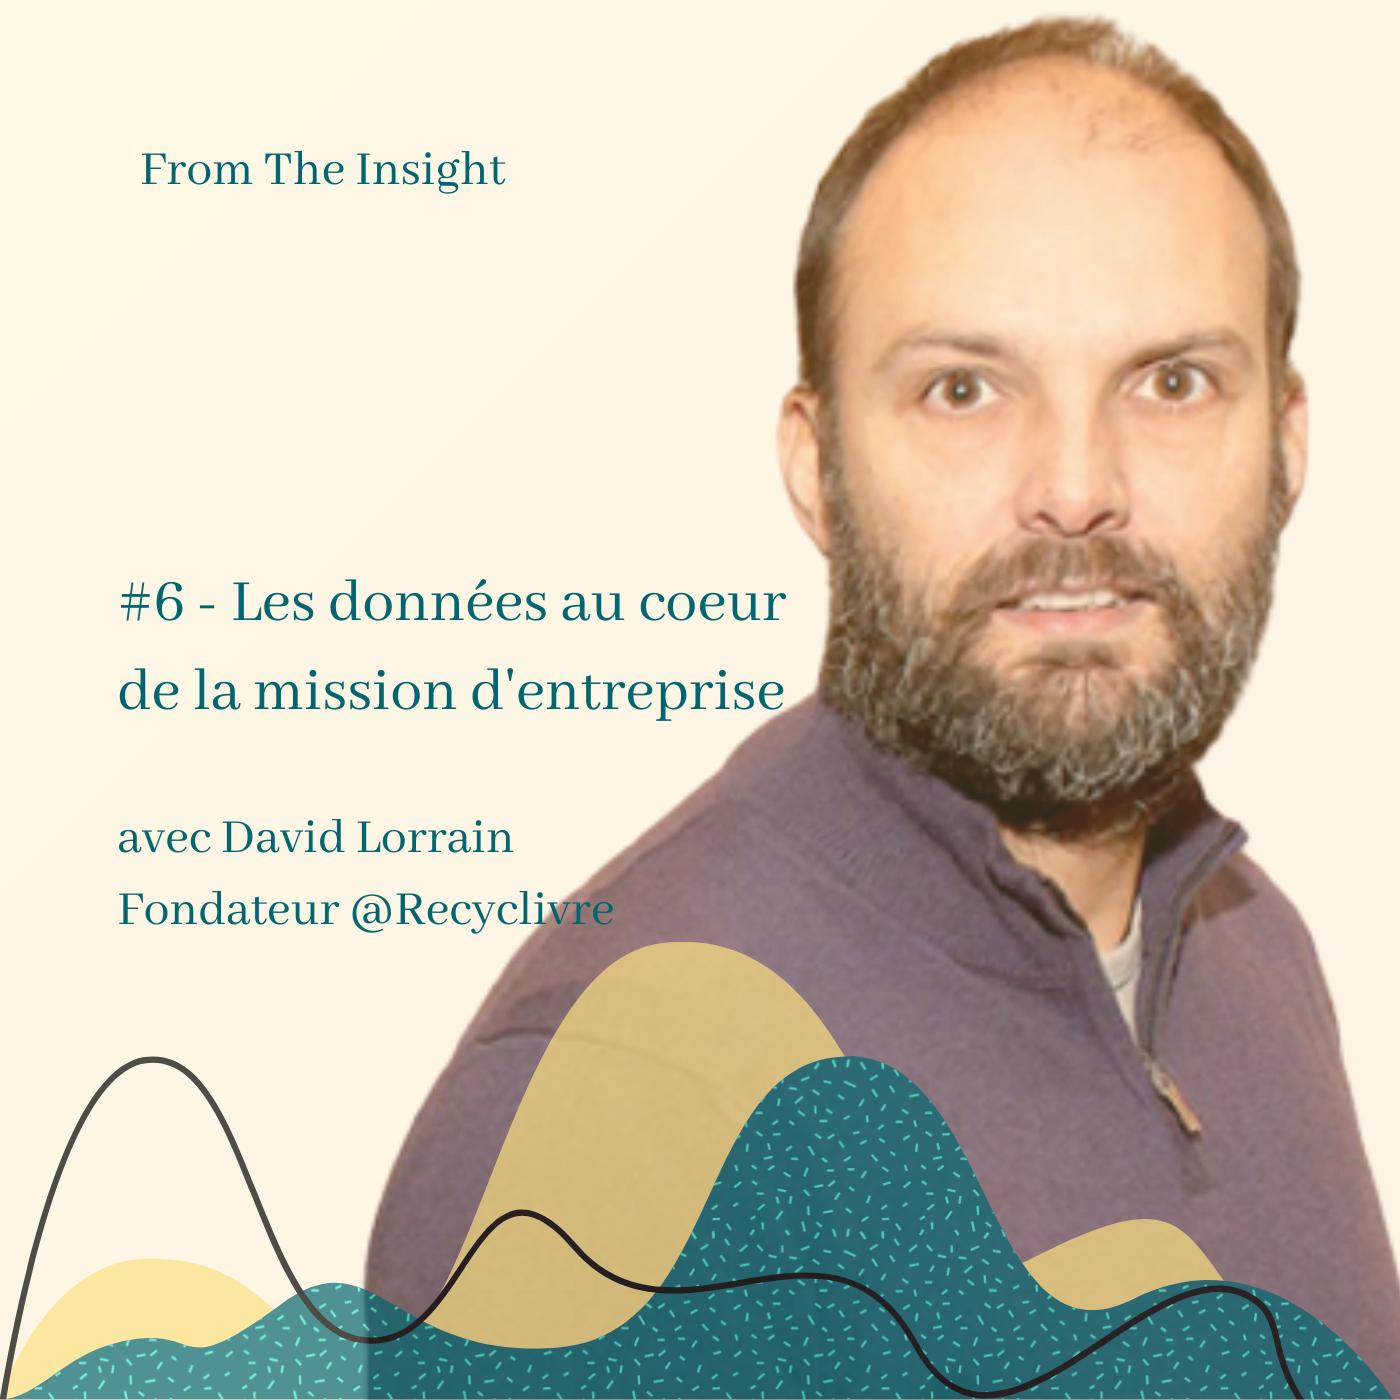 David Lorrain - interview - mission d'entreprise